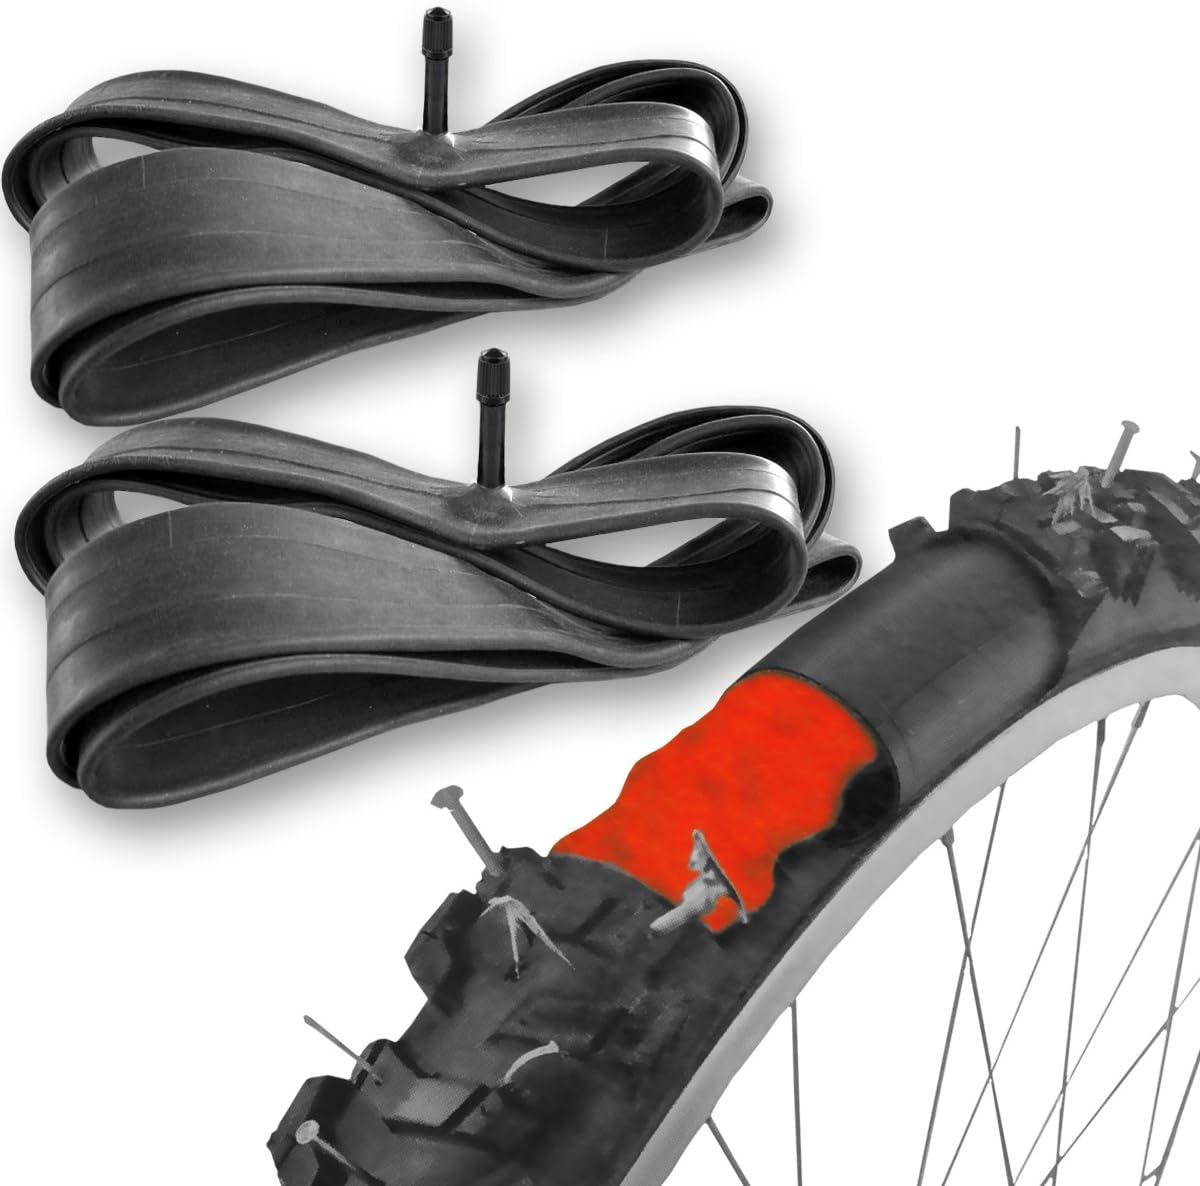 2 Cámaras de bicicleta autorreparables para ruedas de 26 o 28 pulgadas con válvula Schrader: Amazon.es: Deportes y ...